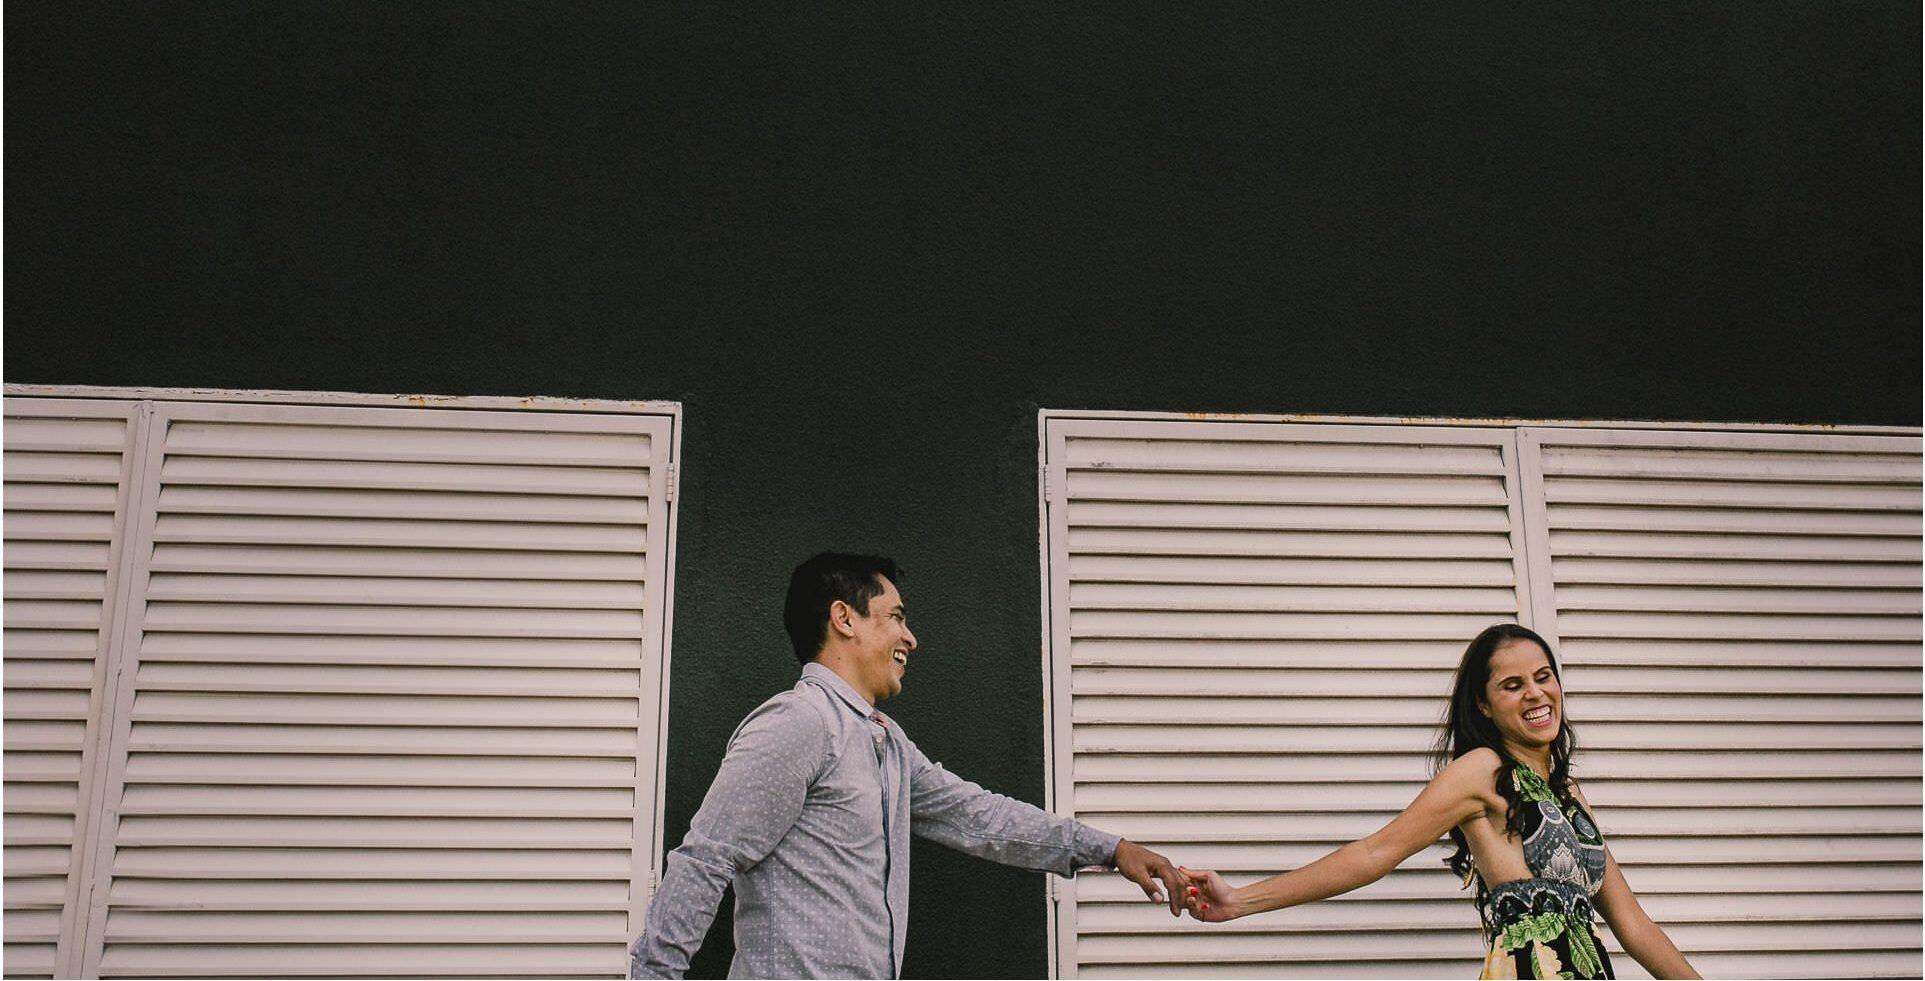 Ensaio Dani + Juninho - Marilia - Sp